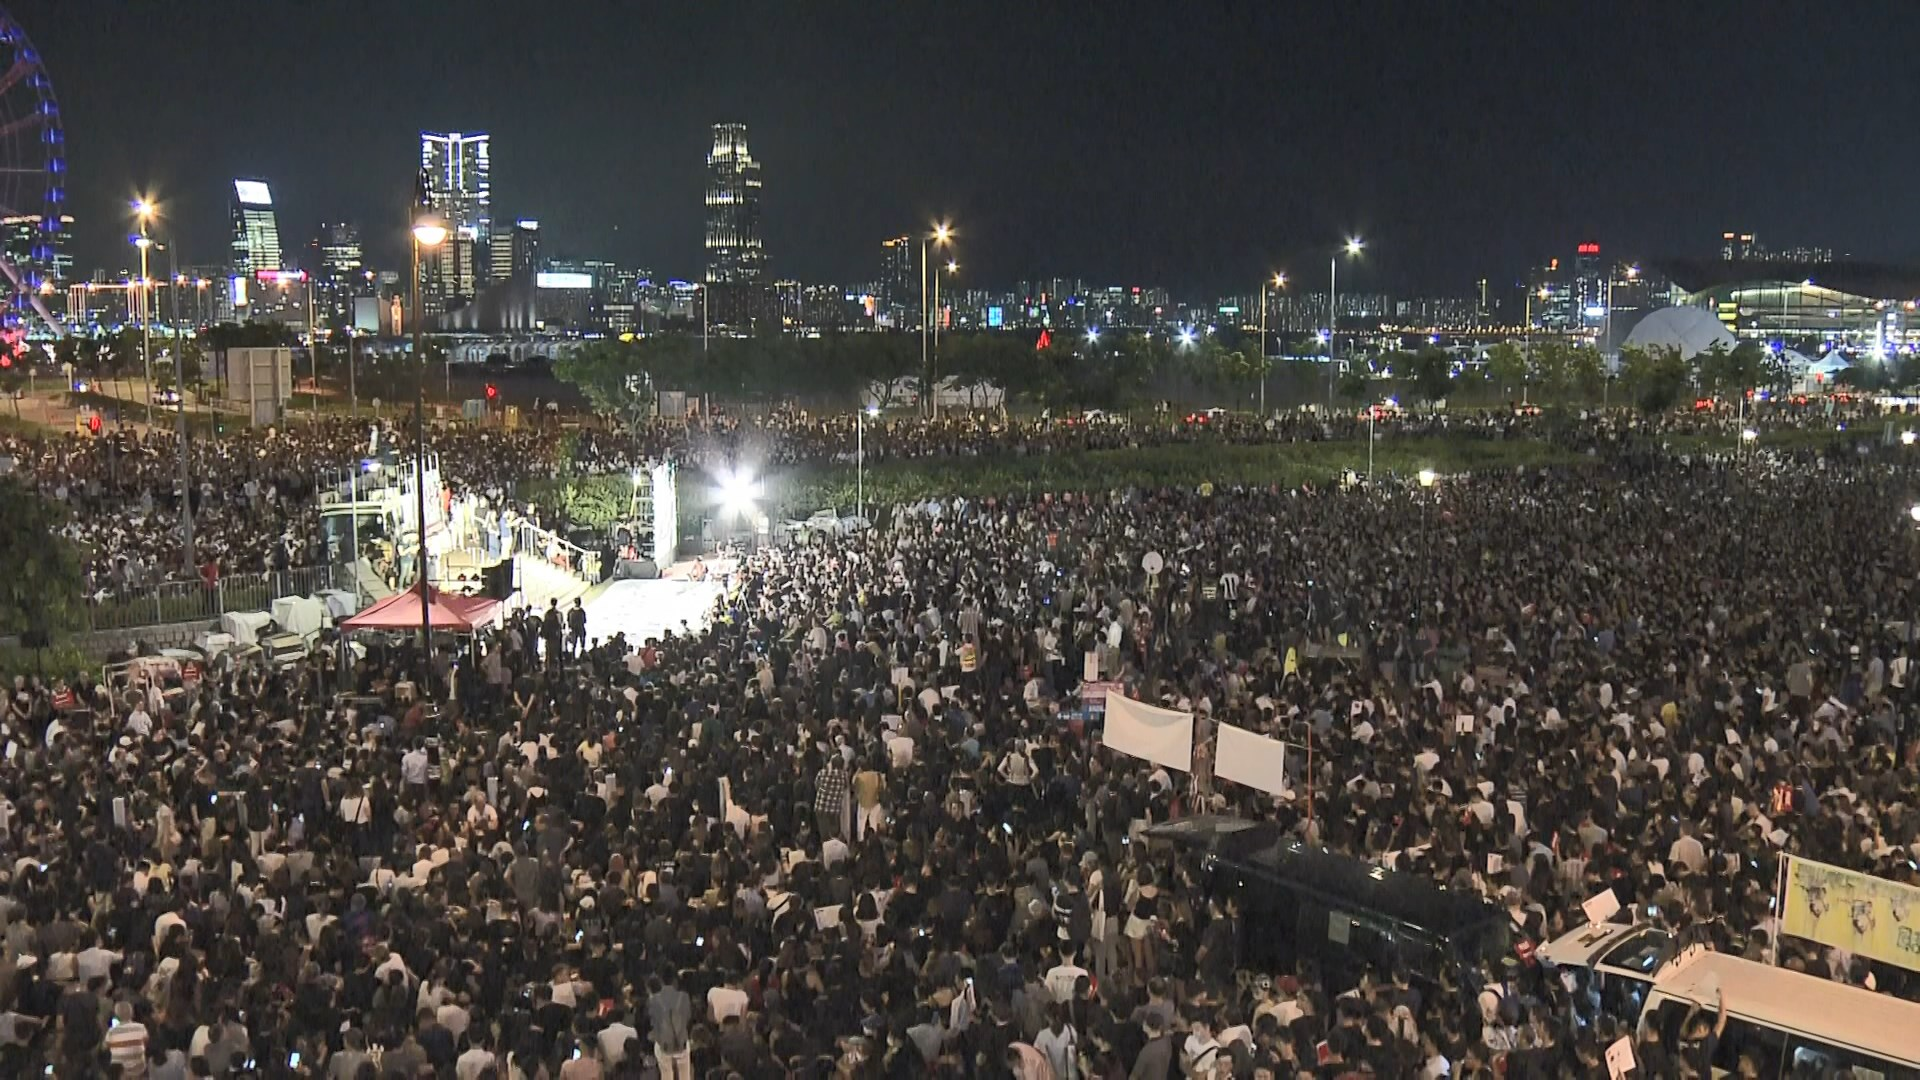 民陣反修例集會 人潮迫出龍和道馬路